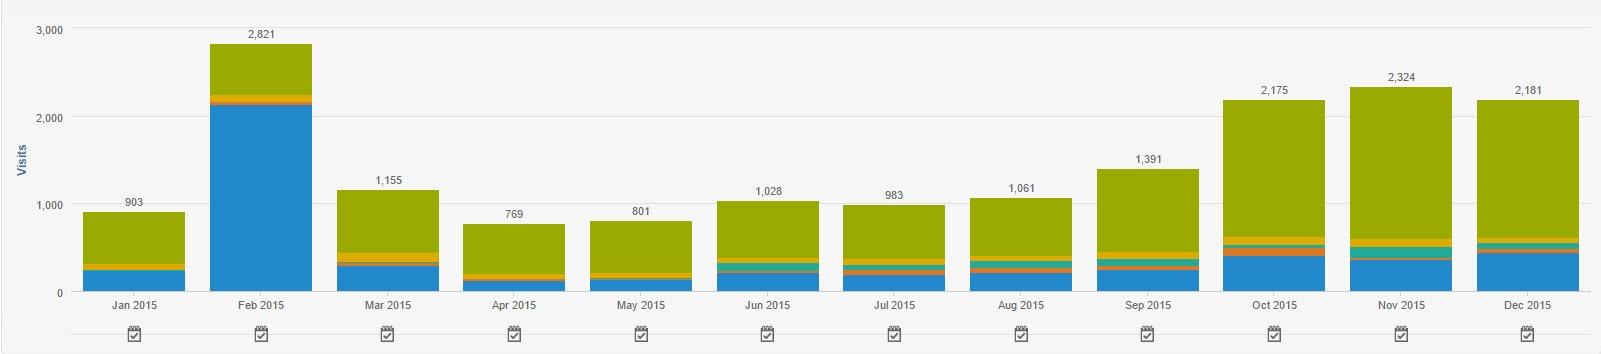 Blogging traffic for 2015.jpg